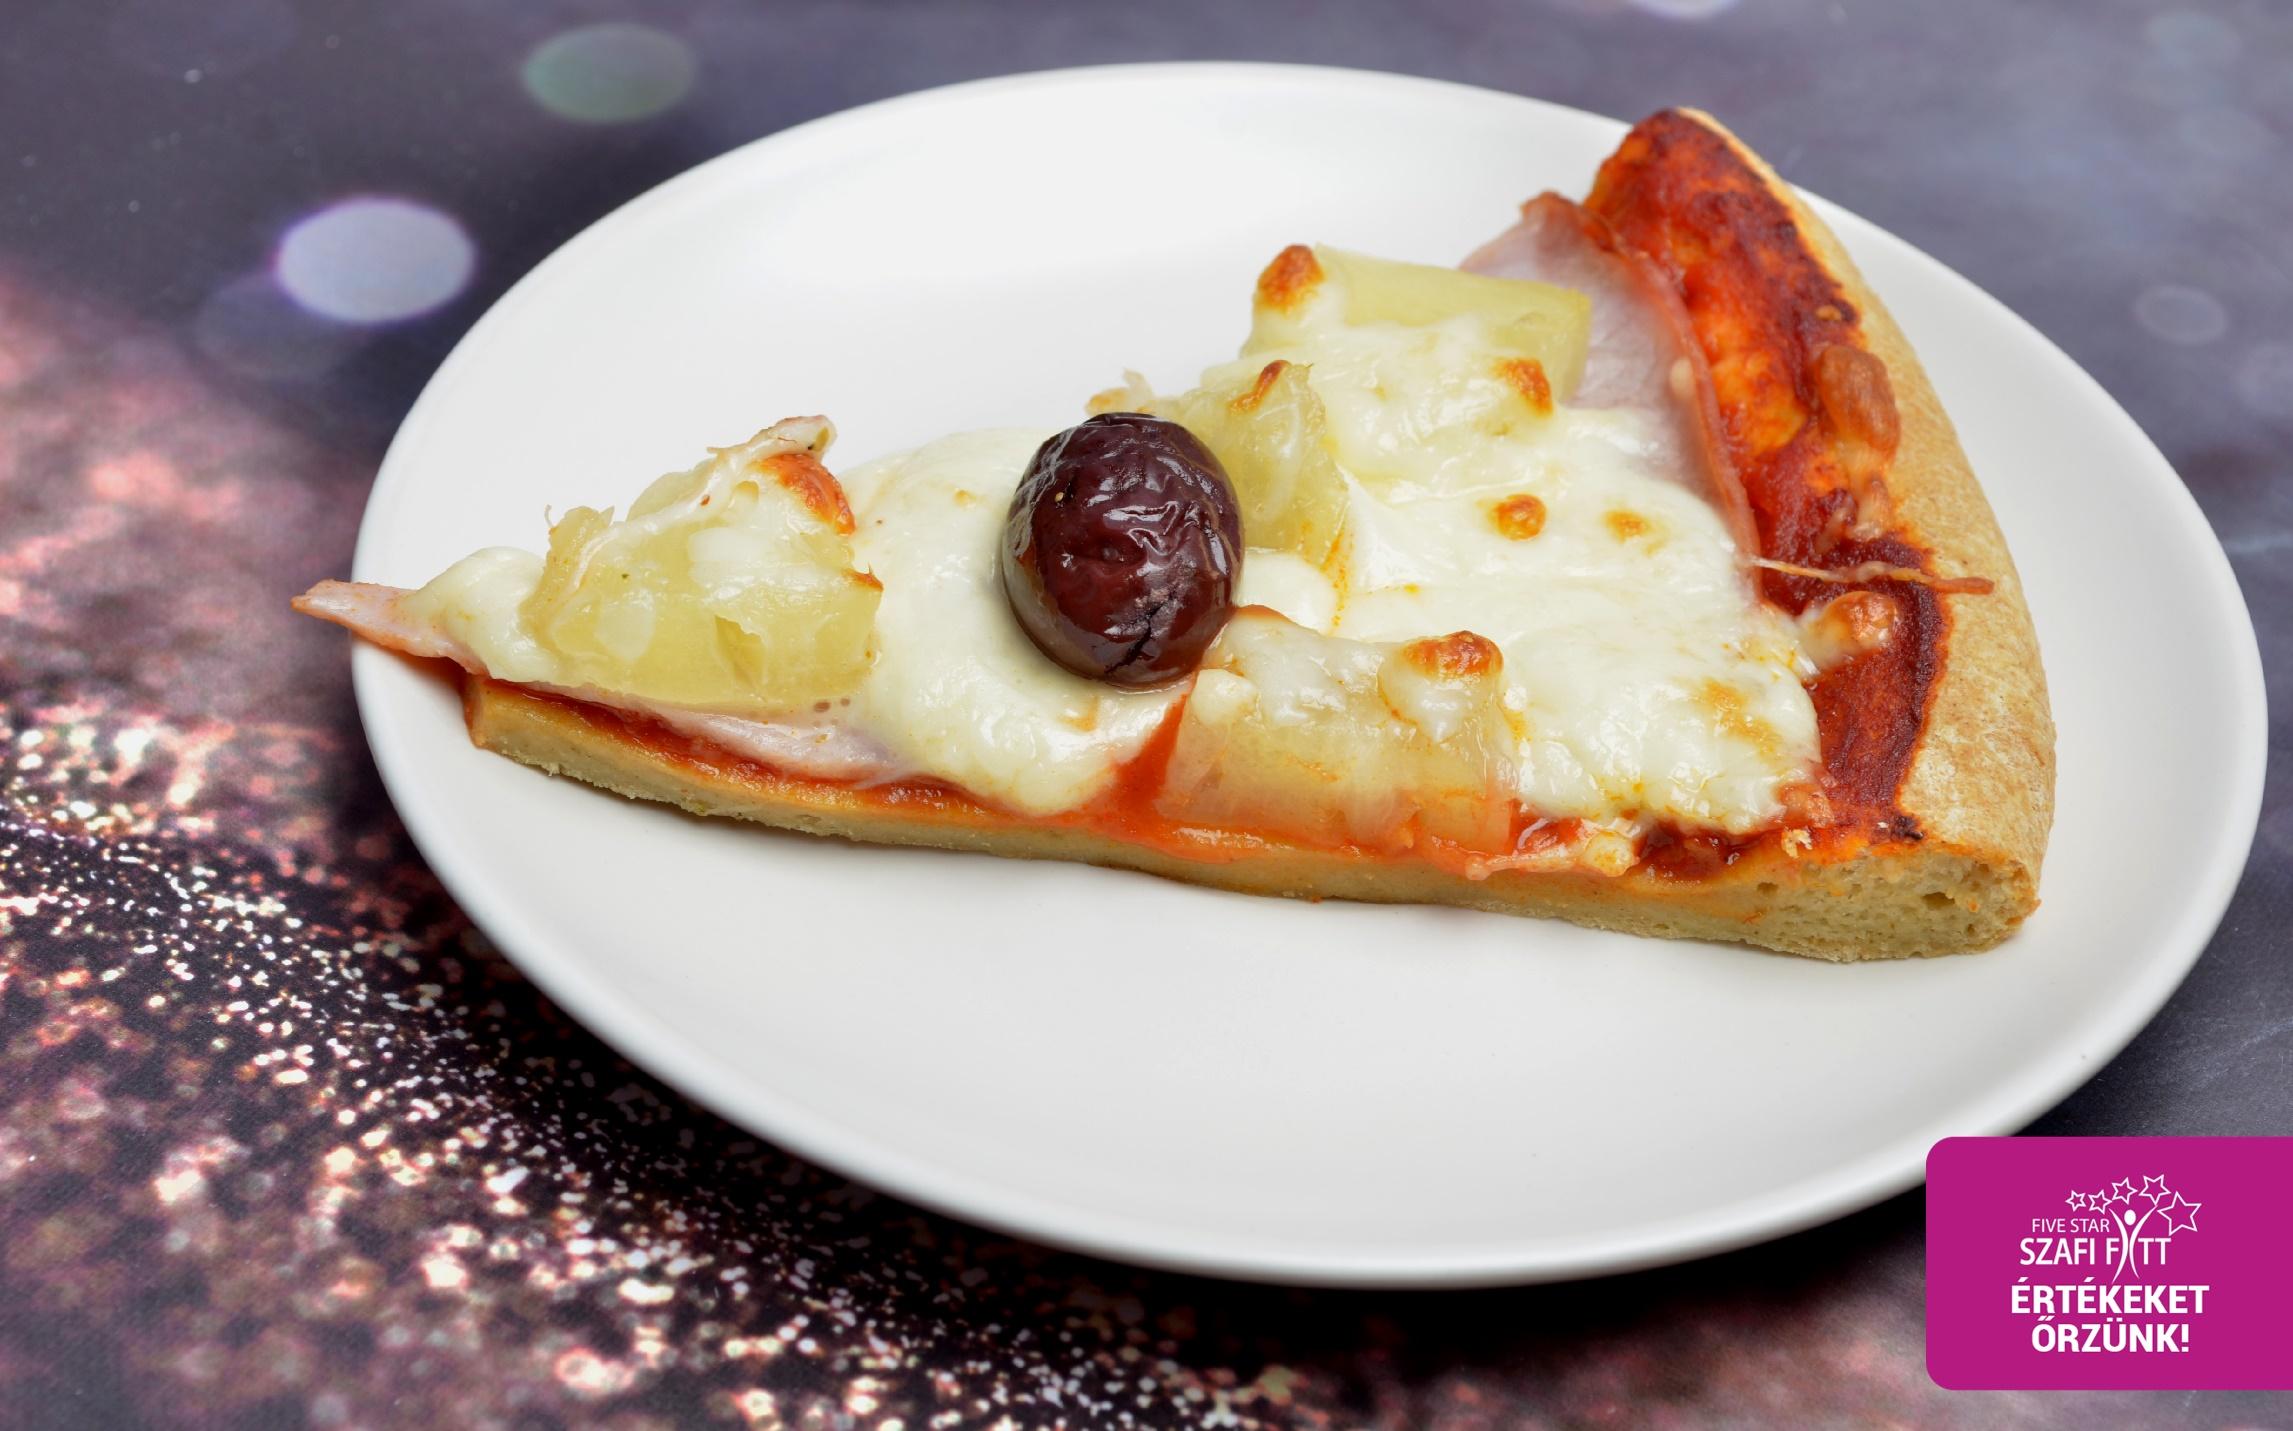 Szénhidrát-csökkentett hawaii pizza szelet (feltét: pizzaszósz, sonka, ananász, sajt.